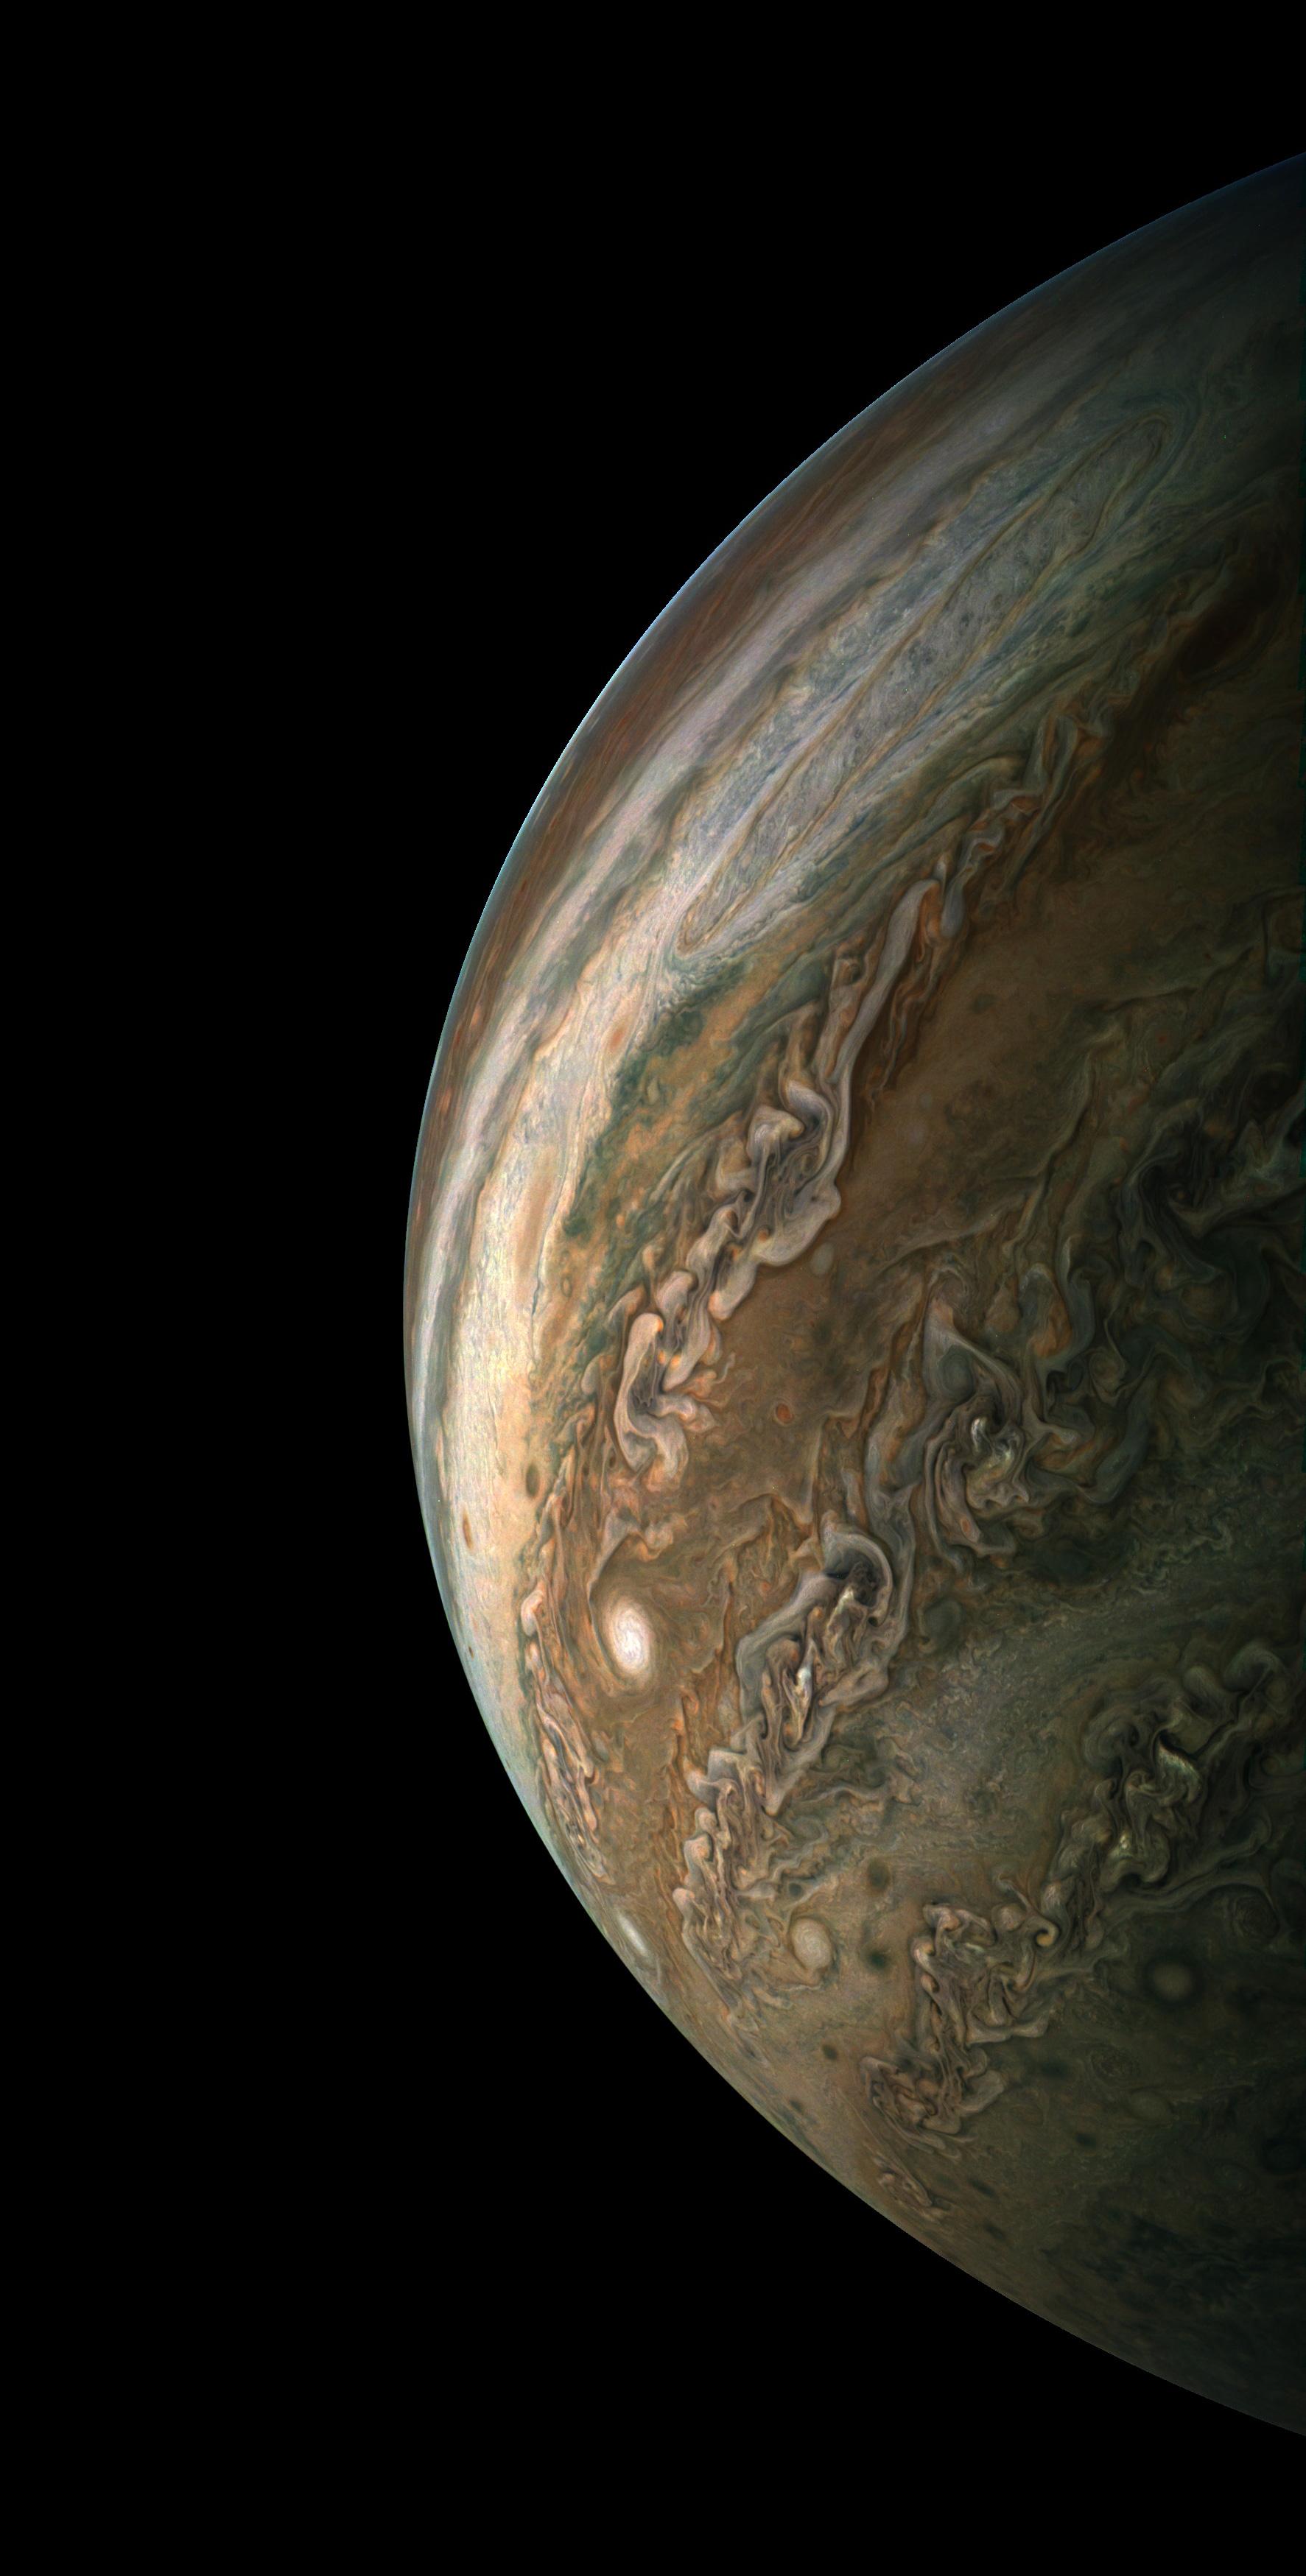 Jupiter 1920x1080 wallpaper - Jupiter wallpaper ...